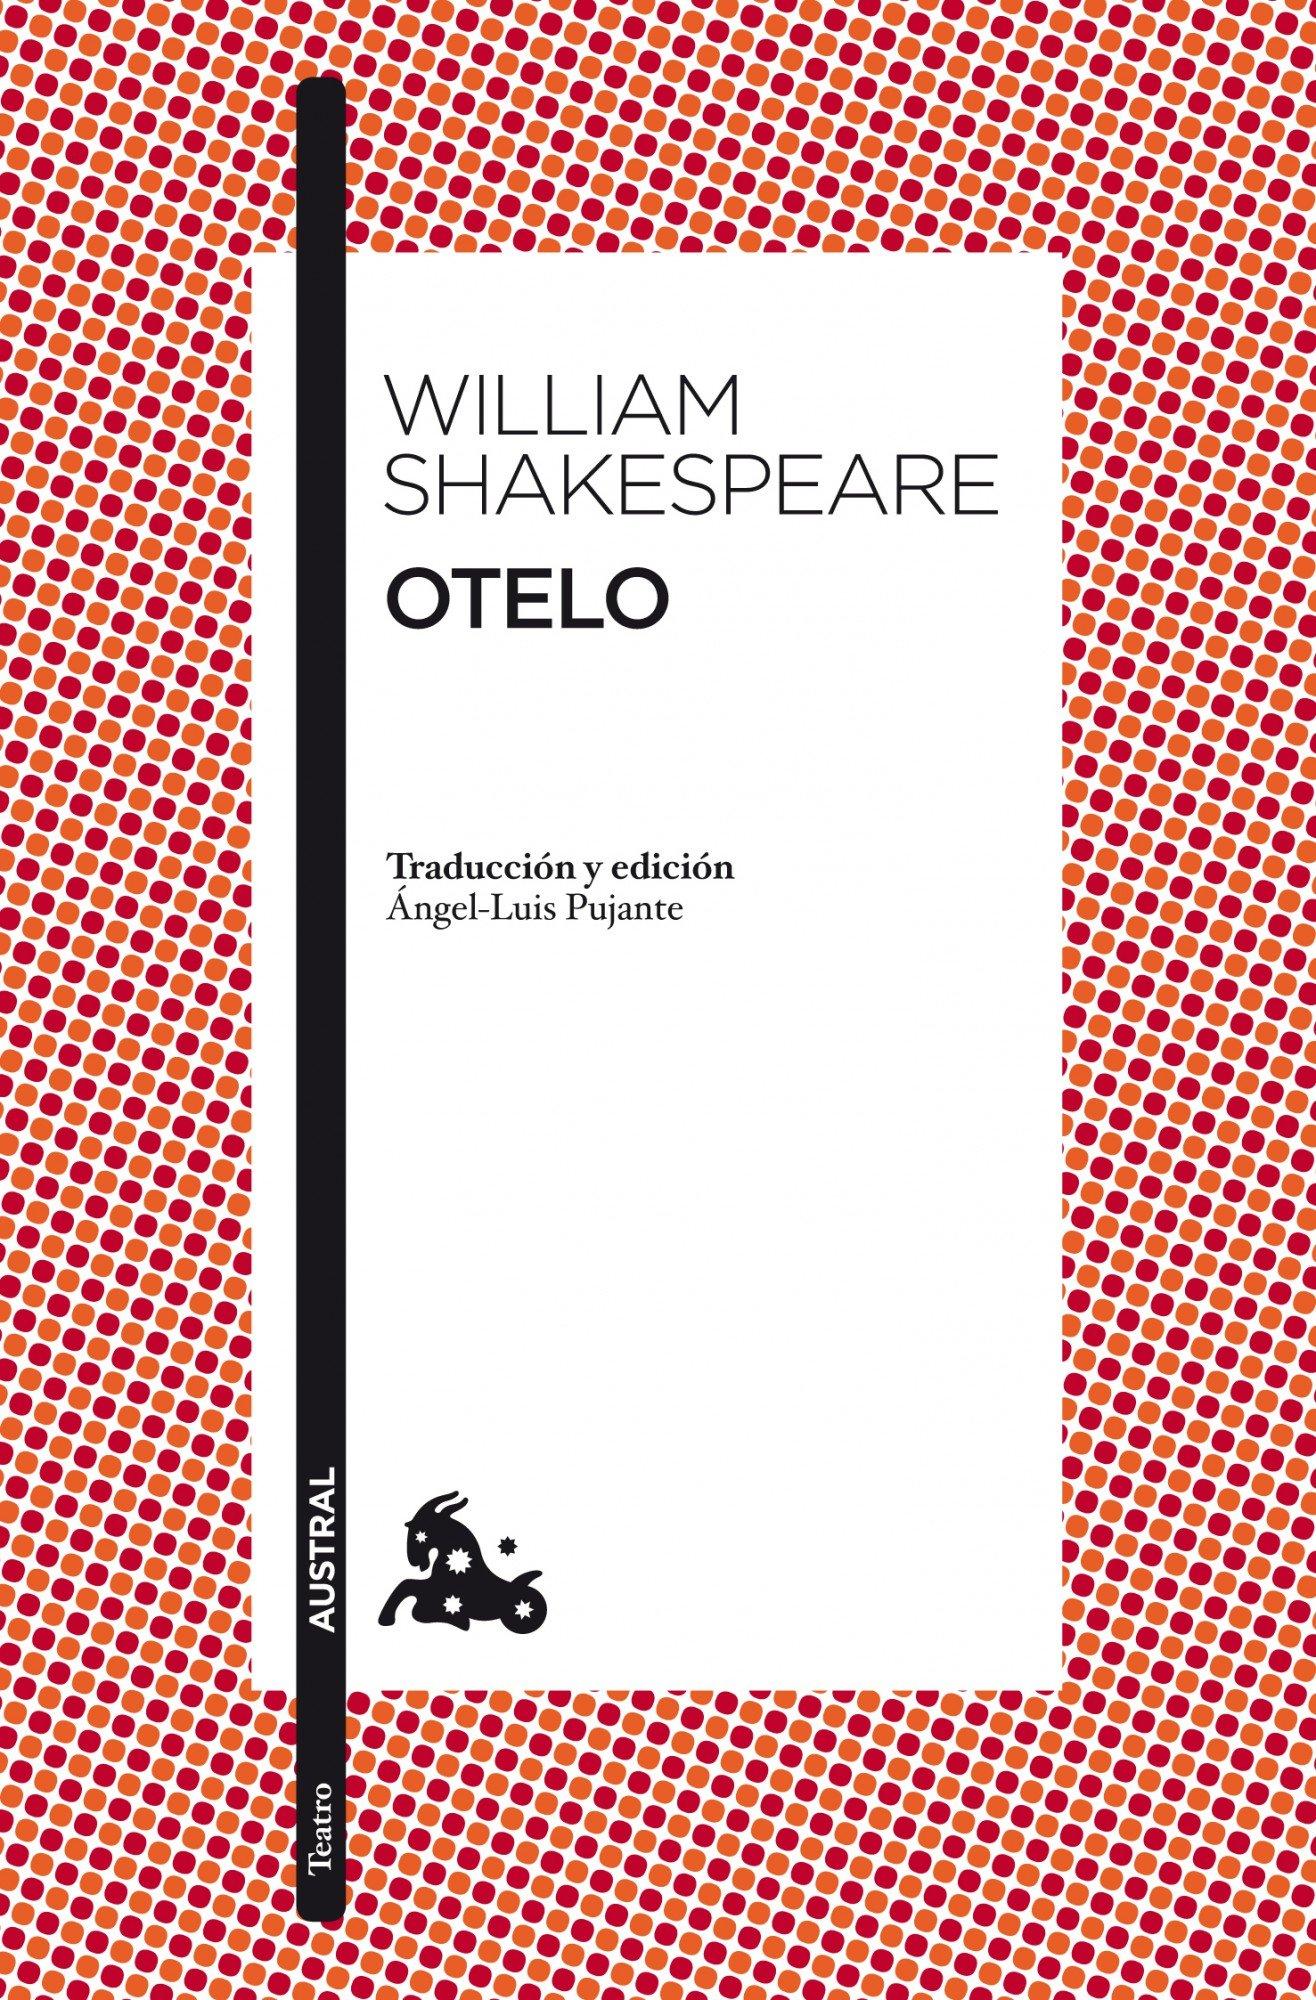 Otelo: Traducción y edición de Ángel-Luis Pujante (Clásica)